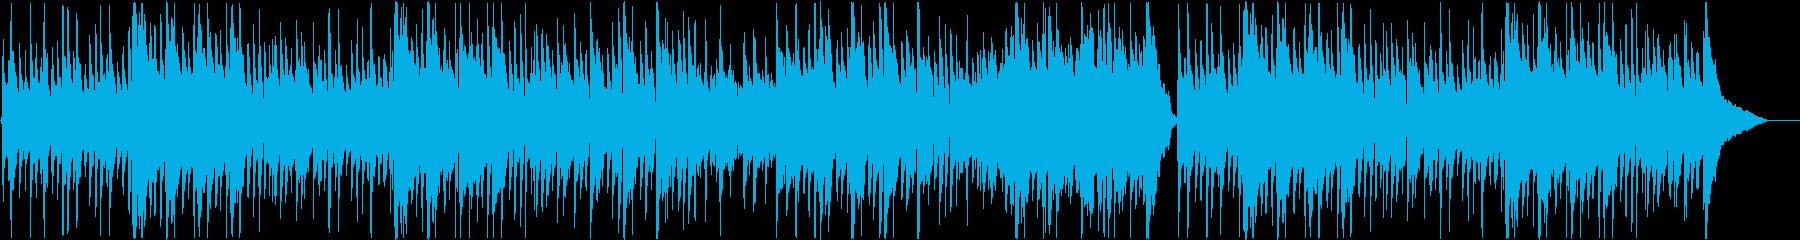 穏やかな日常をイメージしたアコギBGMの再生済みの波形